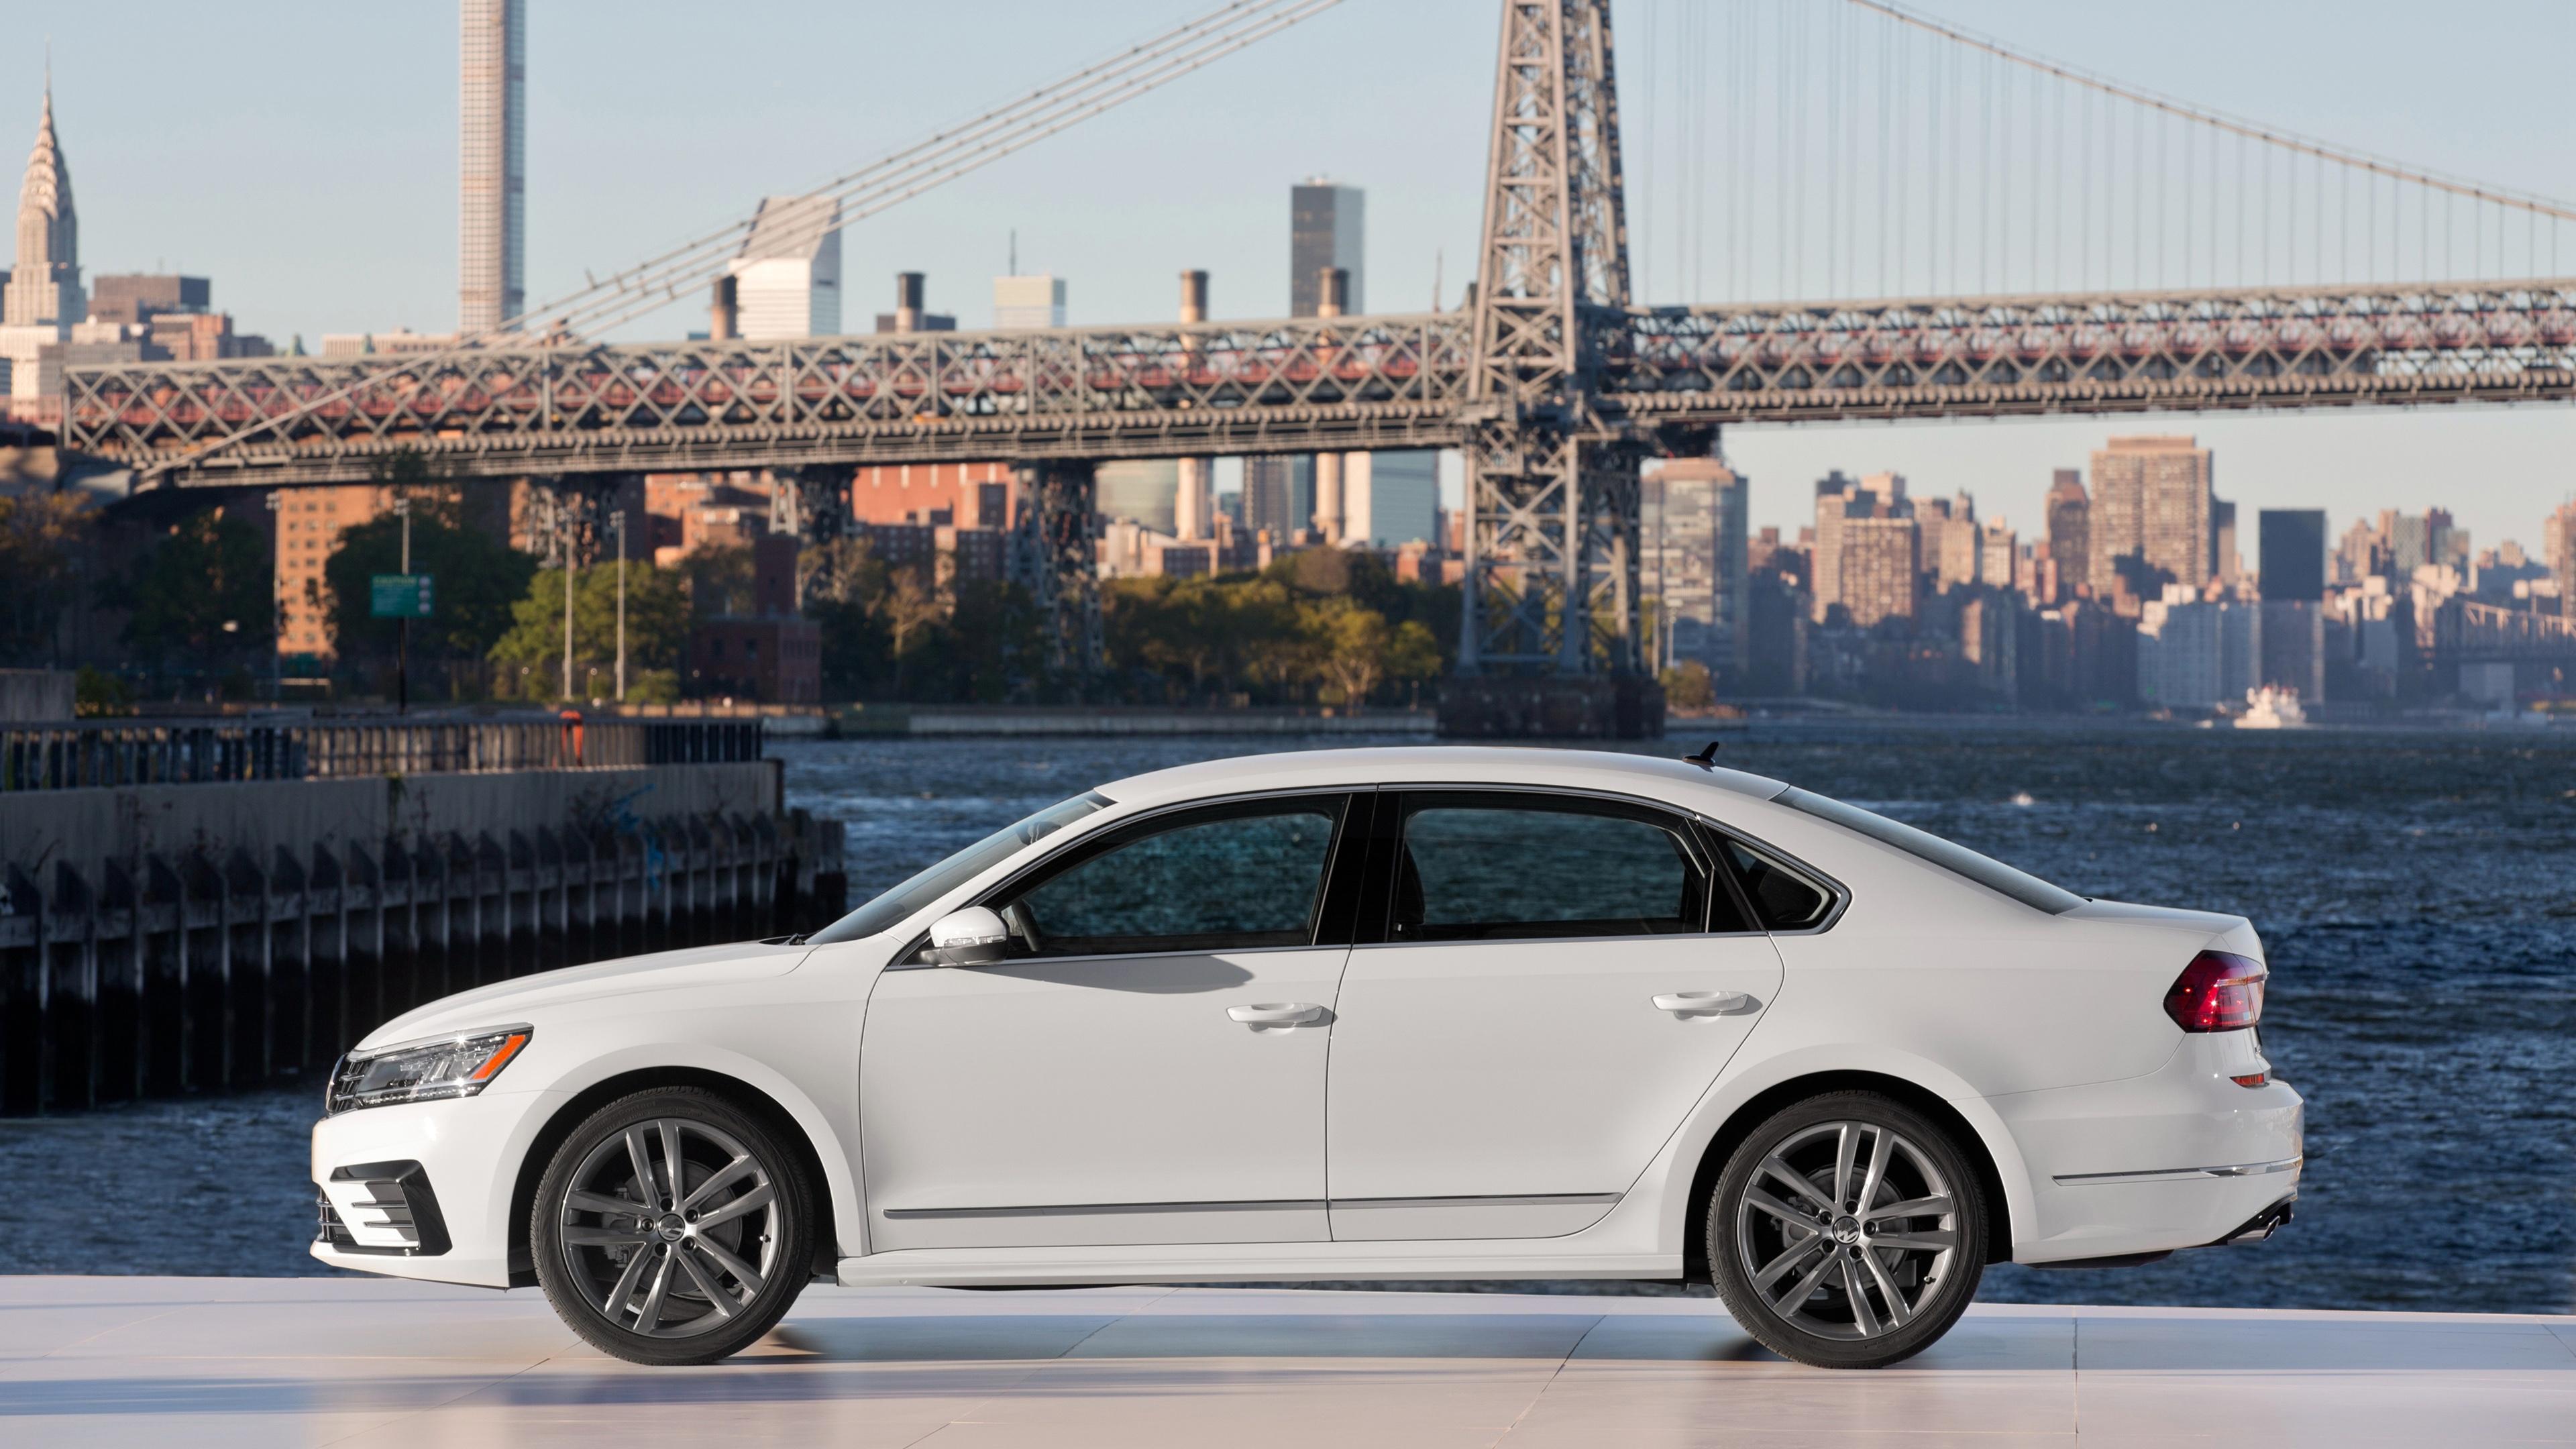 Элегантный,энергичный белый автомобиль на фоне моря и моста